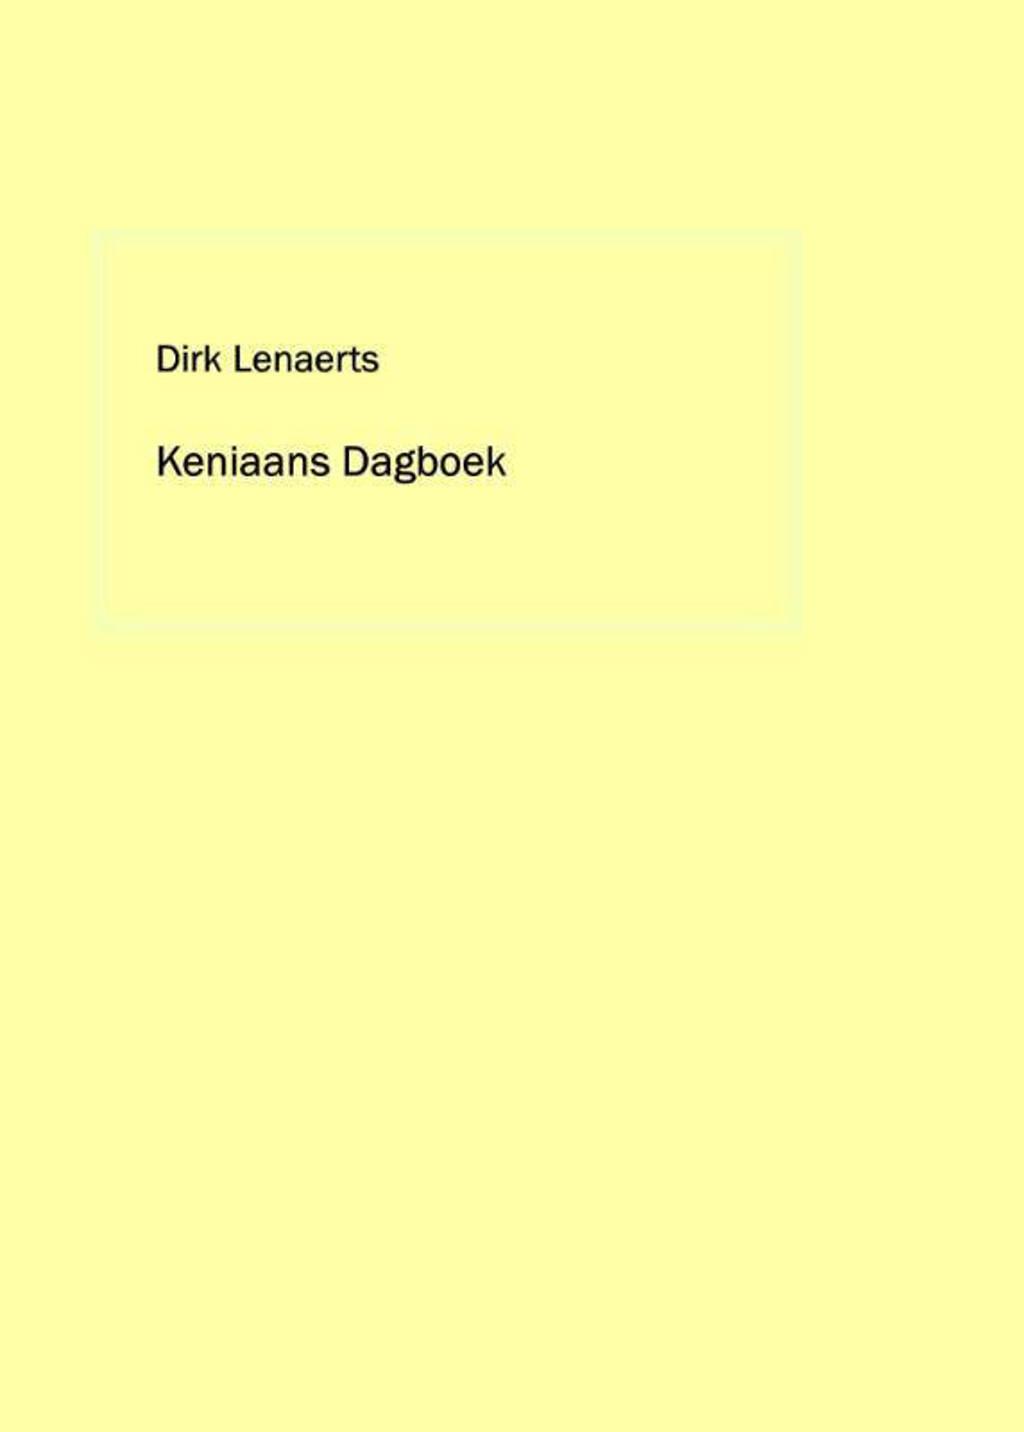 Keniaans dagboek - Dirk Lenaerts